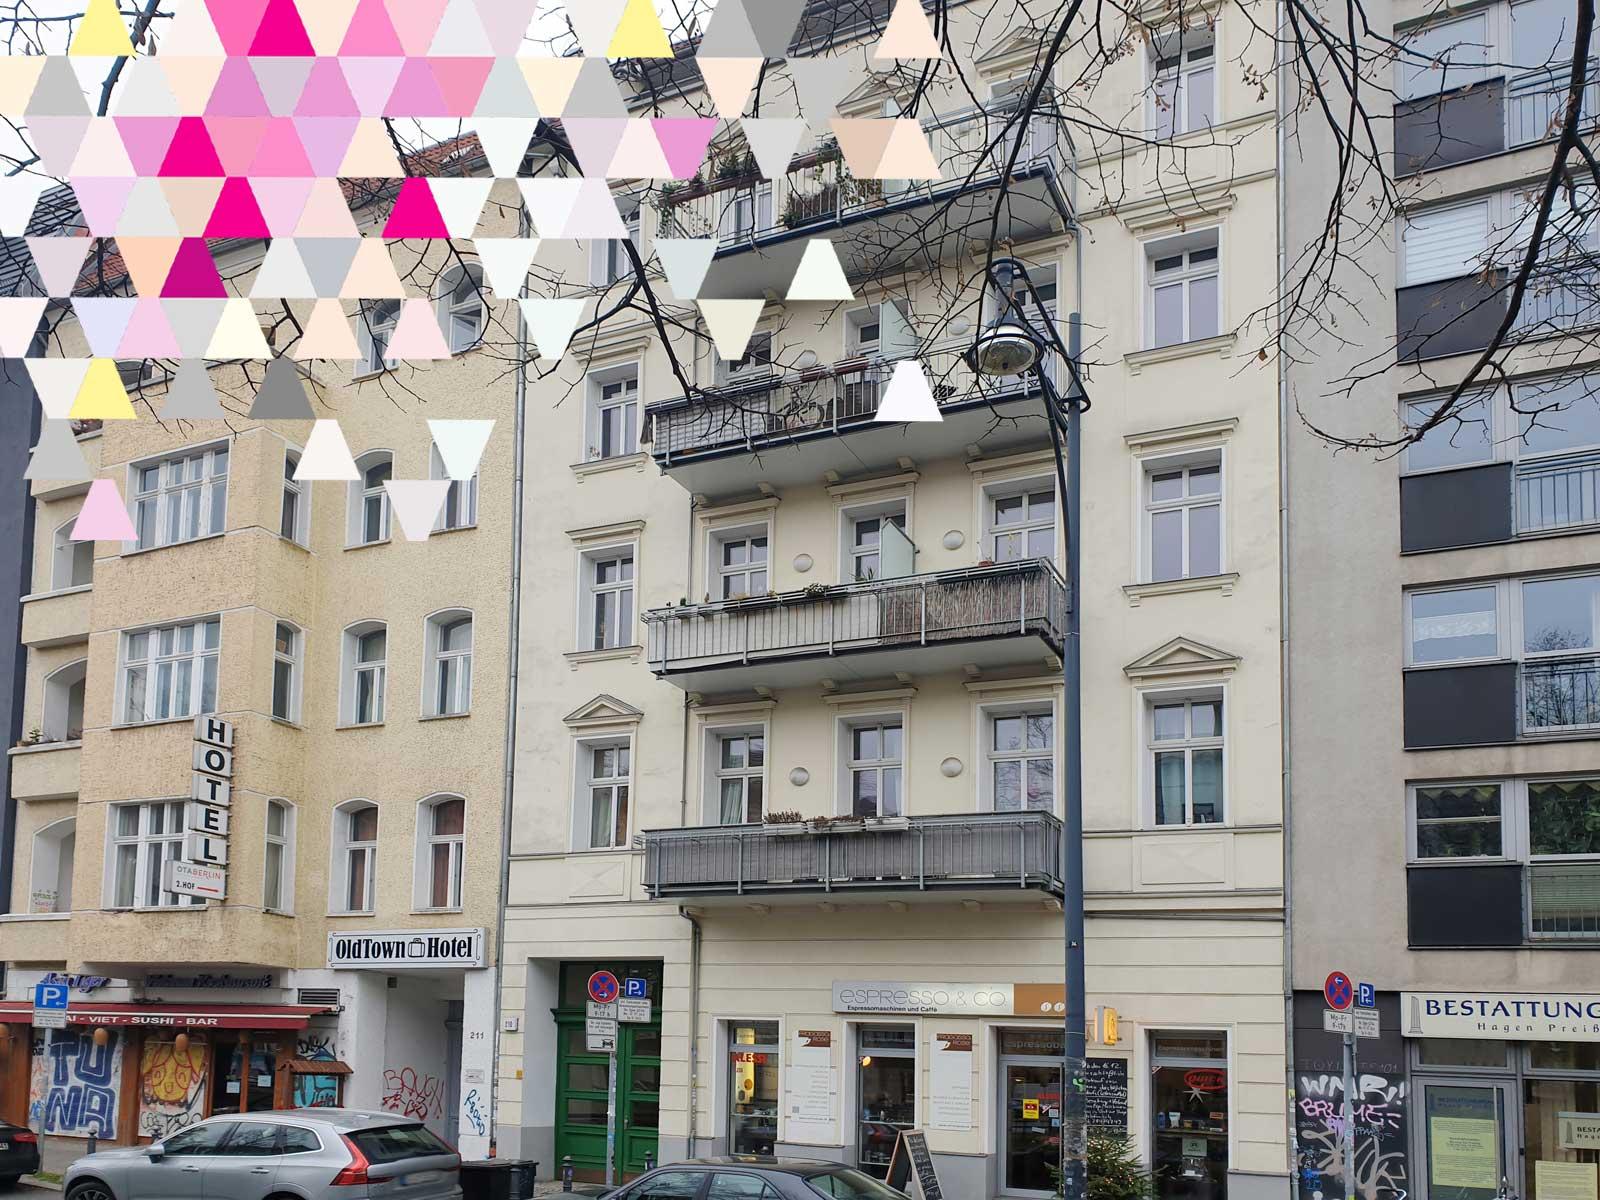 Eigentumswohnung | Verkauft zur Eigennutzung | 4 Zimmer | sonniger Balkon | ca. 108 m² | Berlin-Prenzlauer Berg